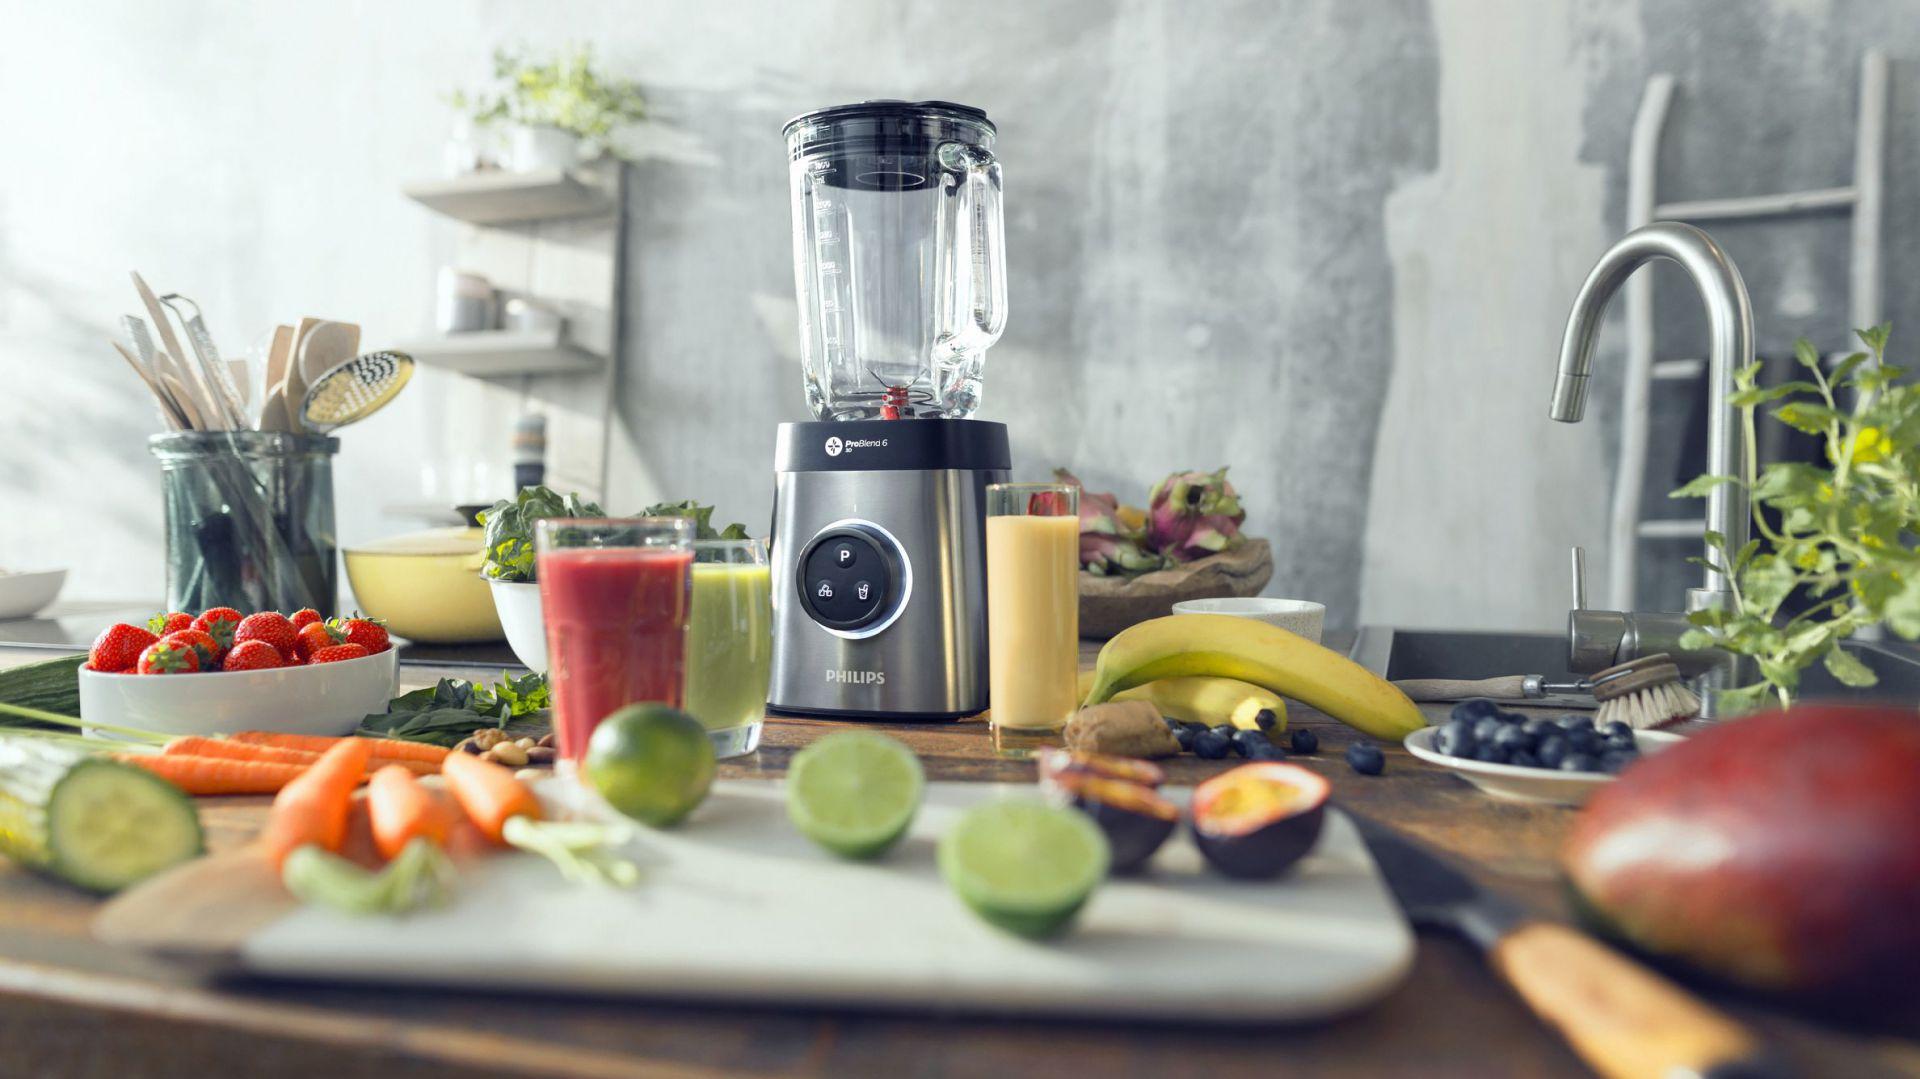 Chłodniki to pomysł na upał - wystarczy w blenderze zmiksować warzywa, dodać jogurt i dużą garść świeżych ziół i cieszyć się sycącym orzeźwieniem. Fot. Philips